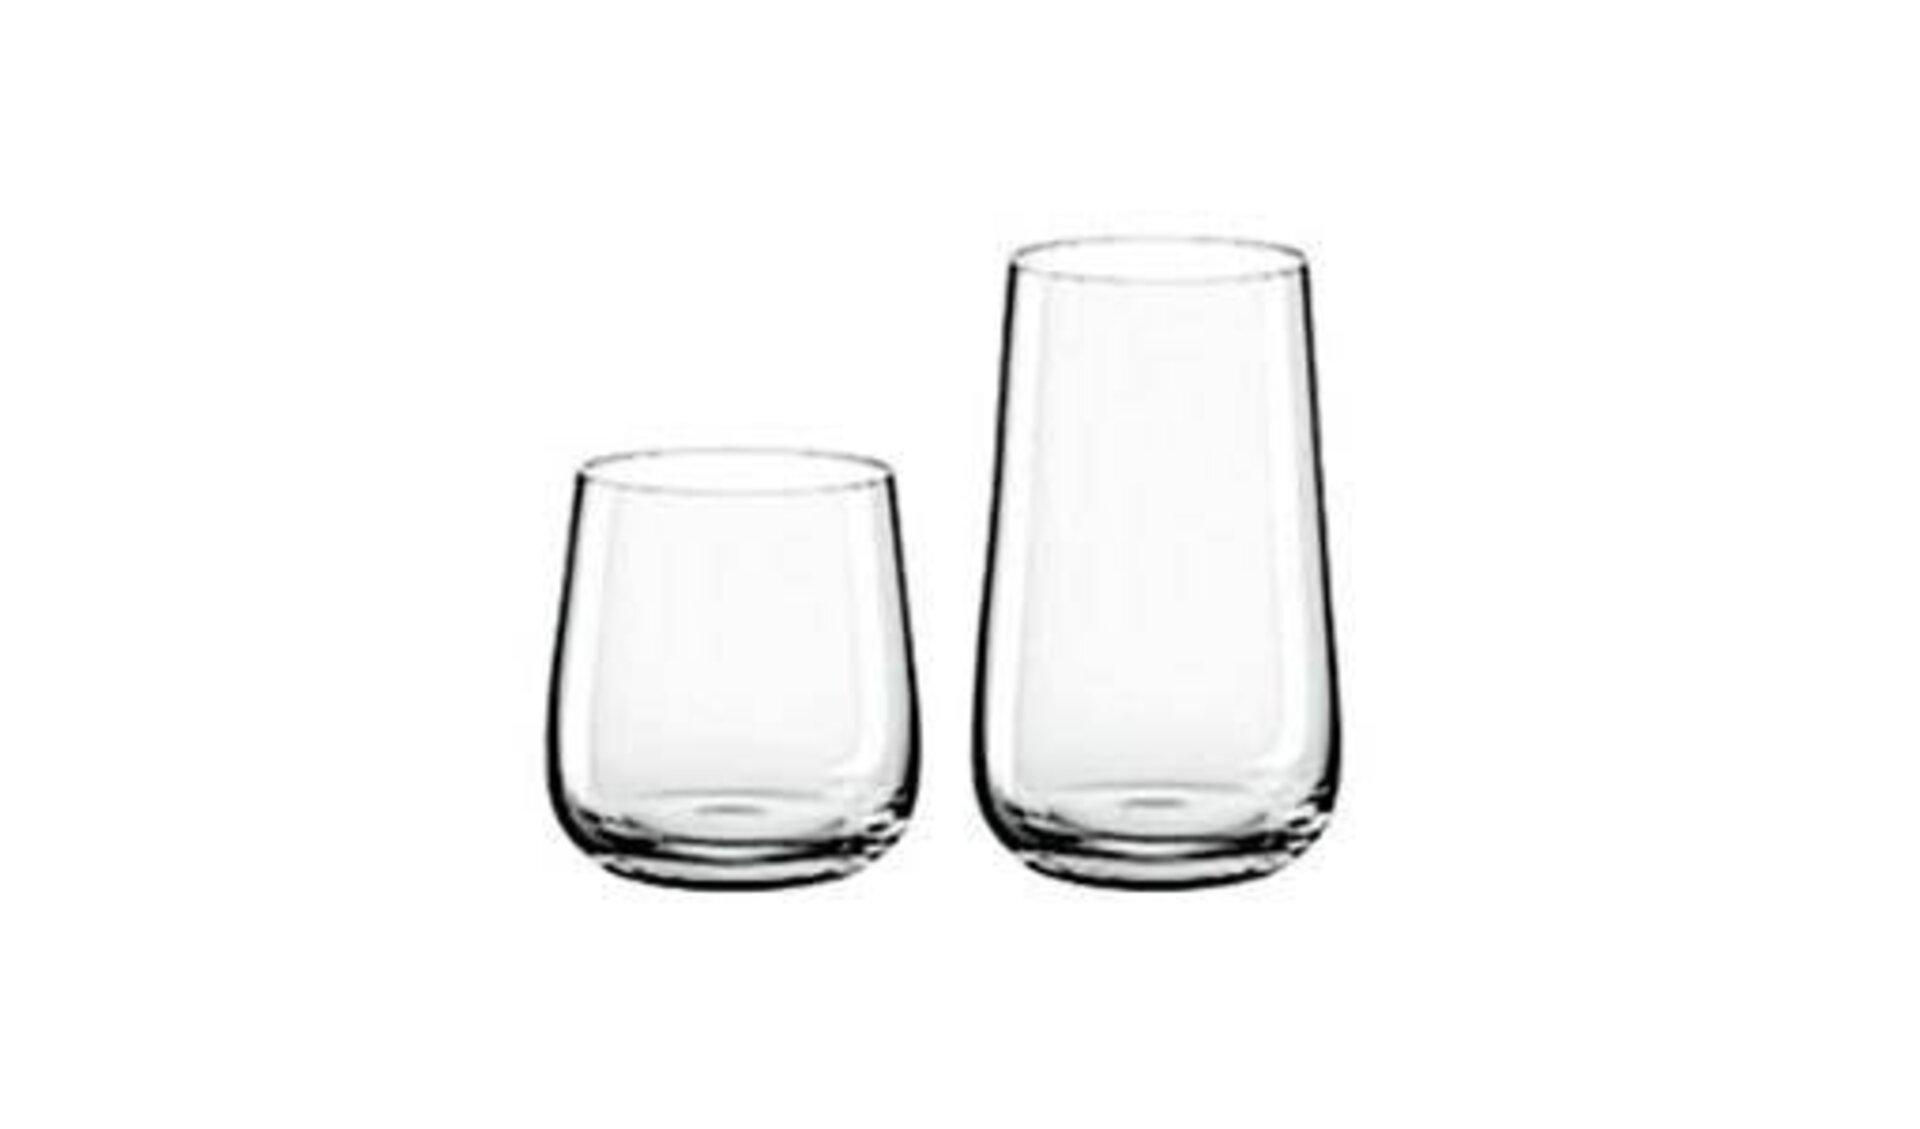 Icon für Gläser zeigt ein niedriges Trinkglas und ein höheres Glas in geschwungener Kegelform.